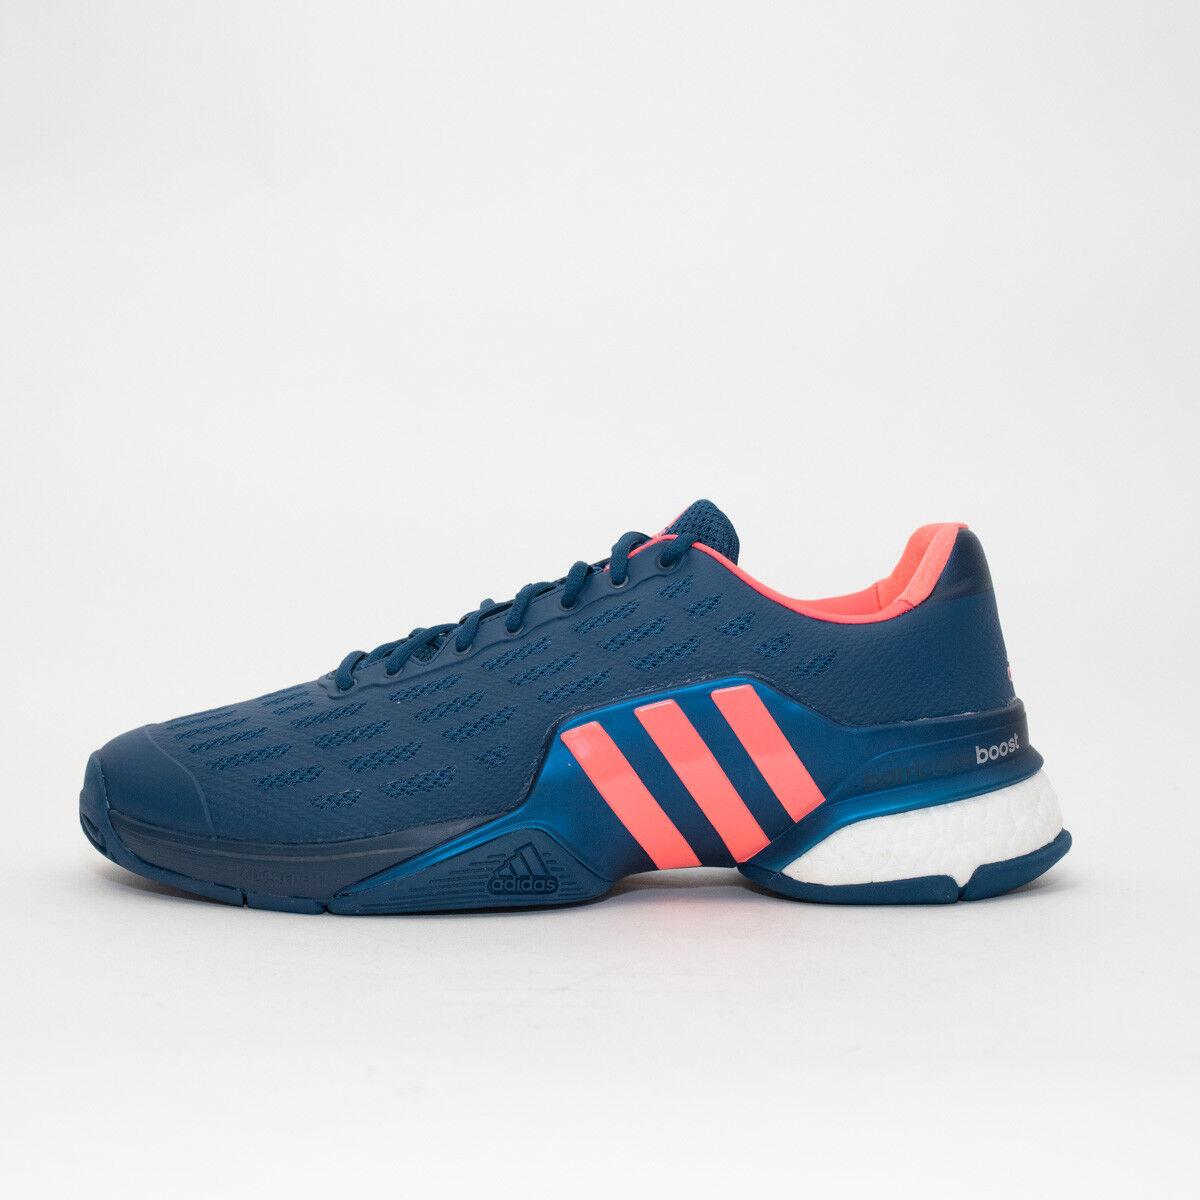 Zapatillas para hombre Adidas Barricada Boost Azul Marino Rrp  Tallas 12 Y Más